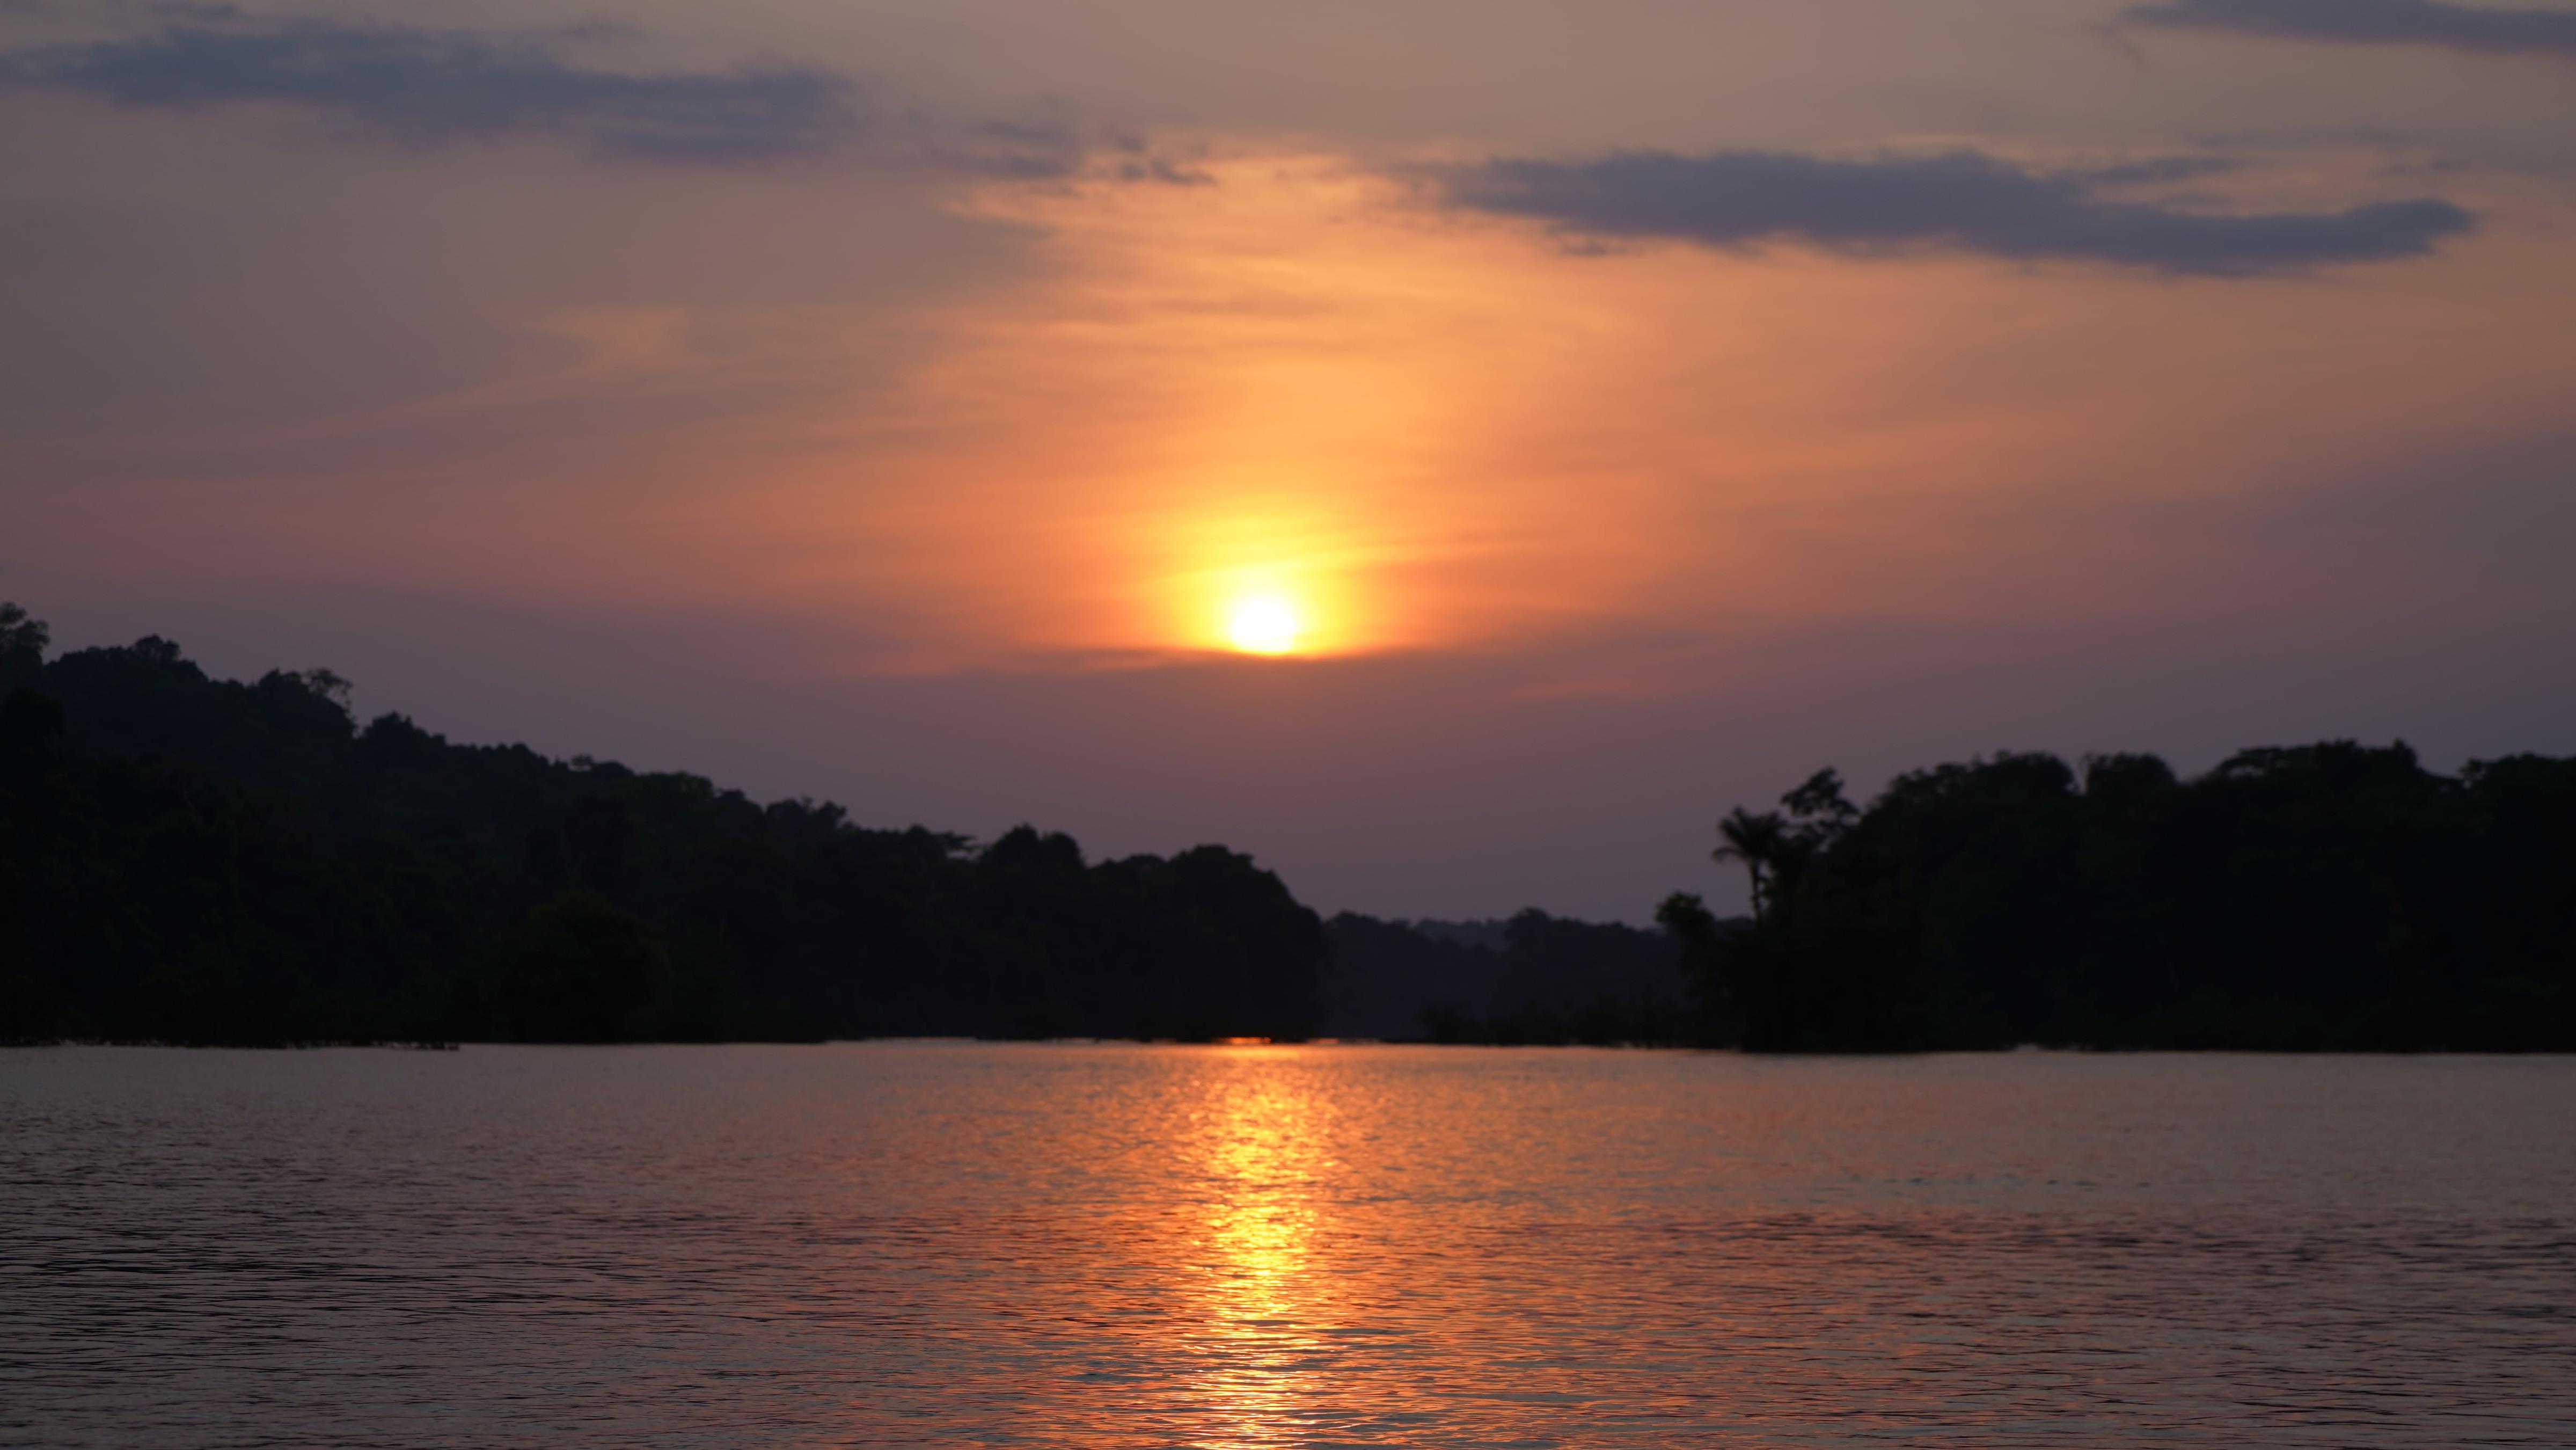 Paisagens de pesca diversas podem ser encontradas pelo território brasileiro